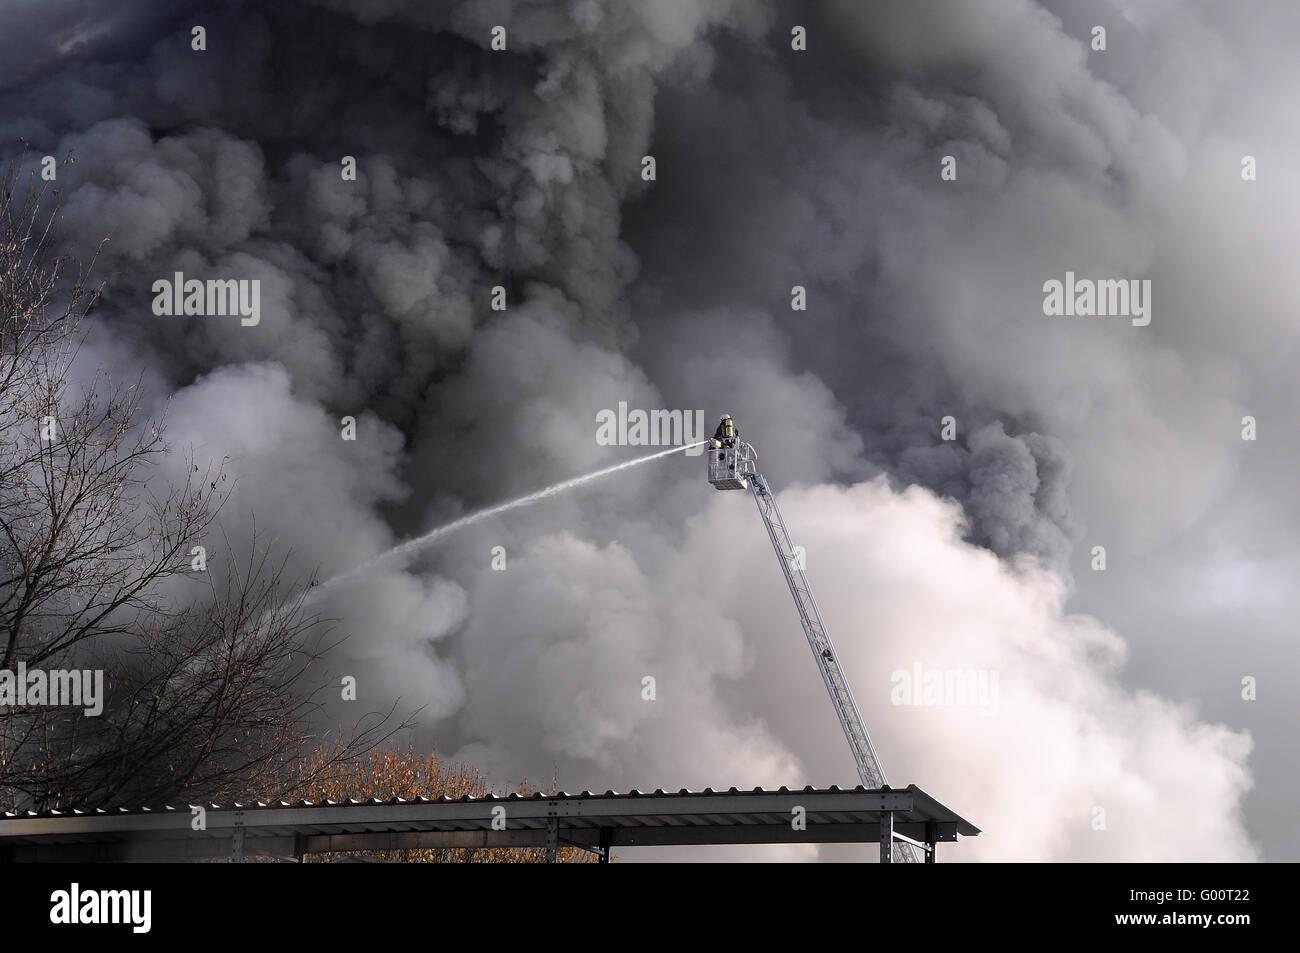 Feuerwehr Einsatz - Stock Image